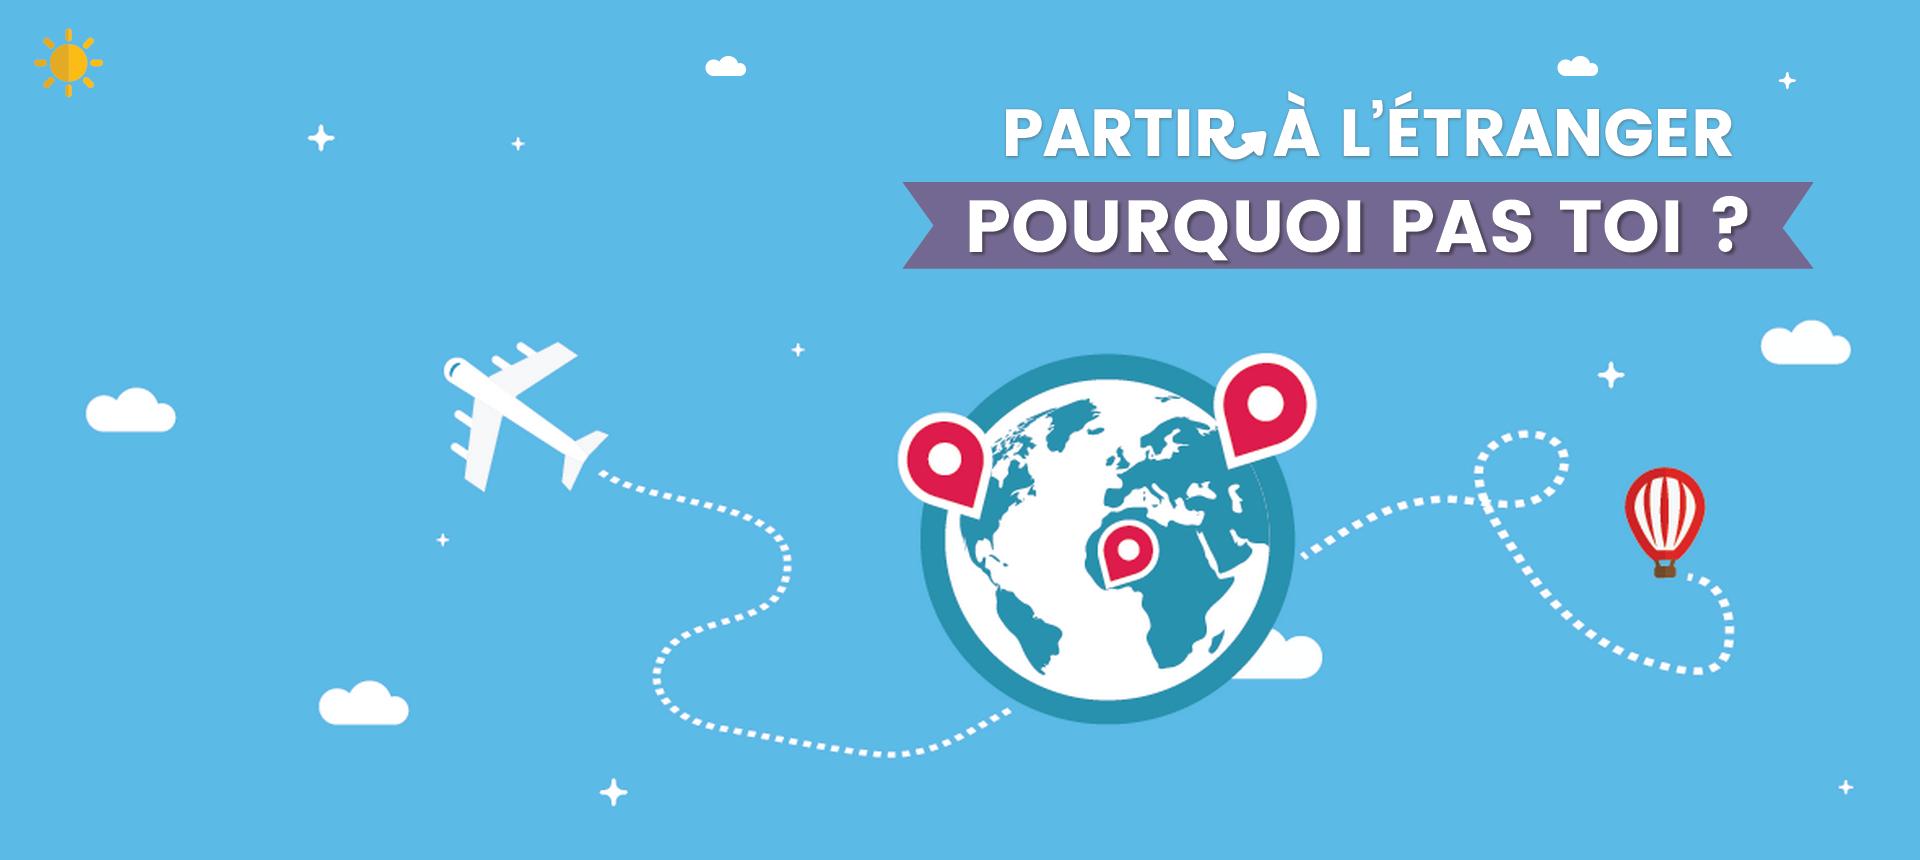 Partir à l'étranger, pourquoi pas toi ? en mai et juin 2017 en Bourgogne-Franche-Comté